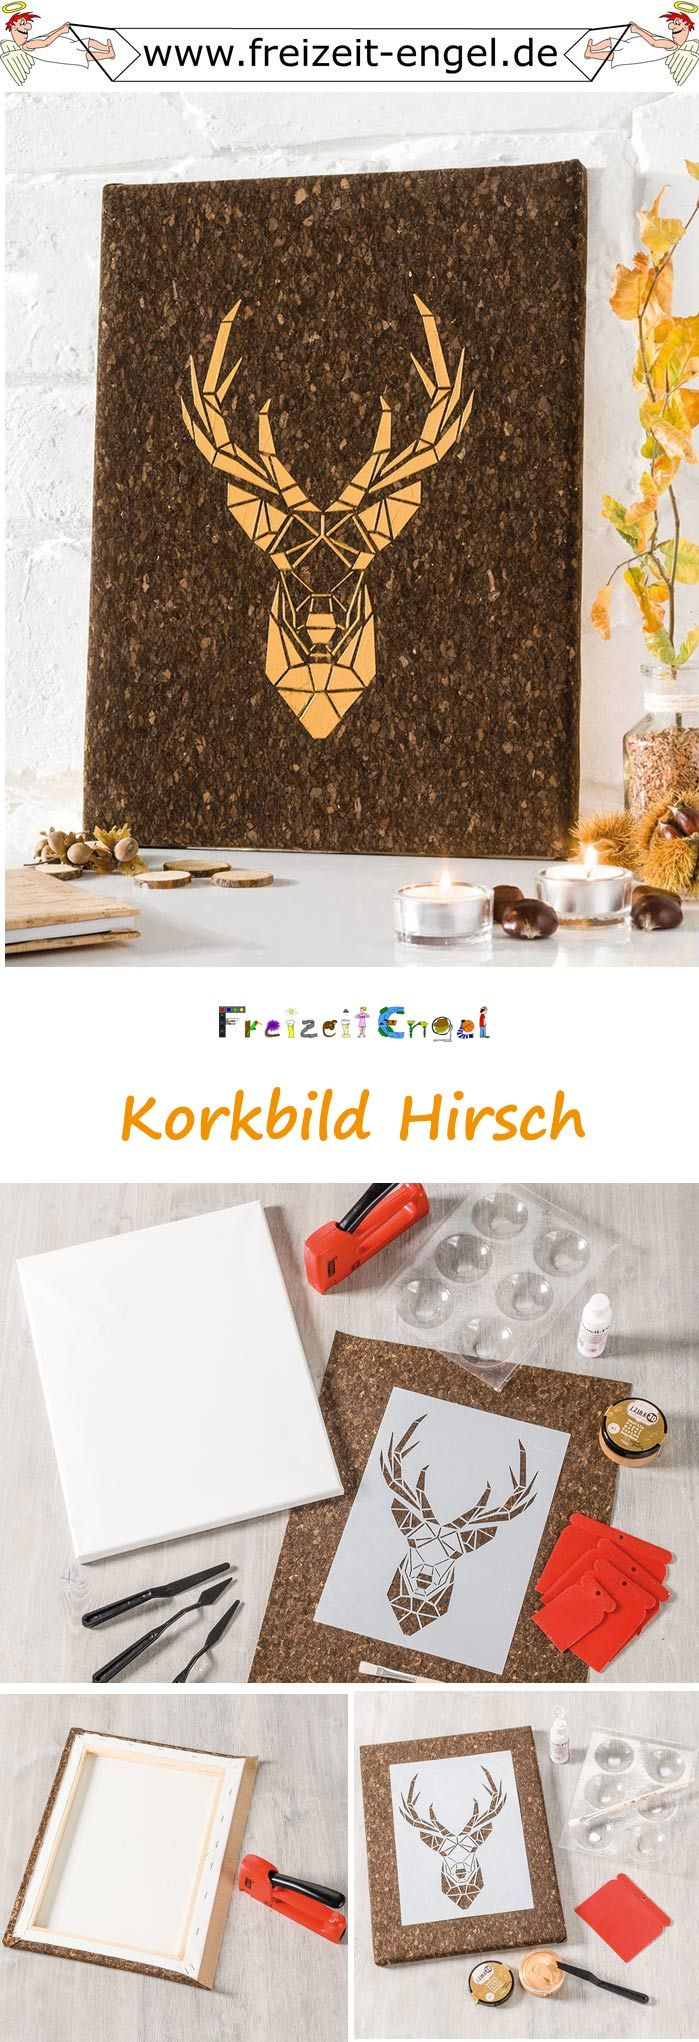 """Korkbild Hirsch (Idee mit Anleitung – Klick auf """"Besuchen""""!) -"""